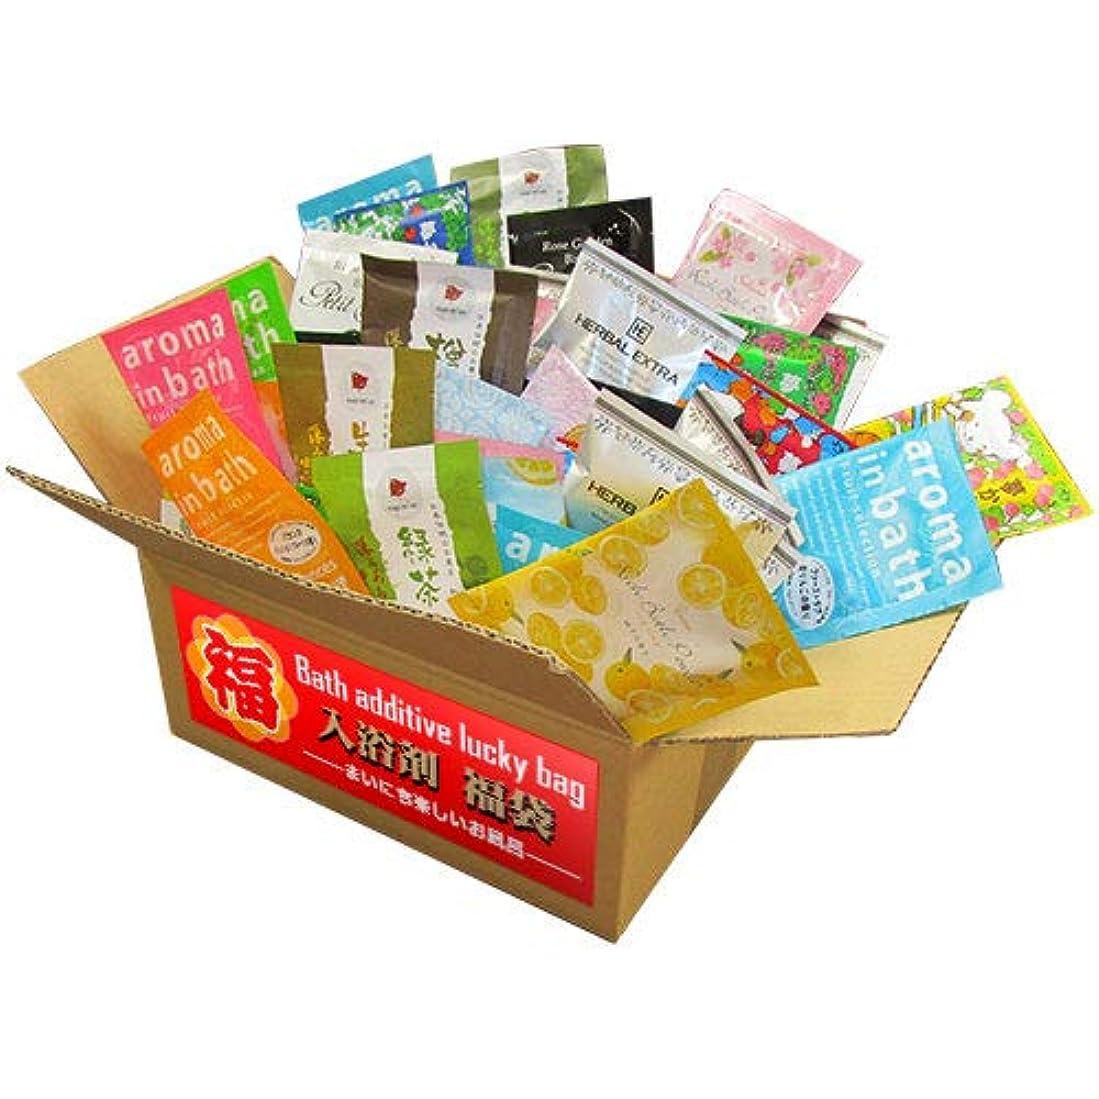 適応するソーセージプロジェクター日本製 入浴剤 福袋 おたのしみ おまかせ100個セット